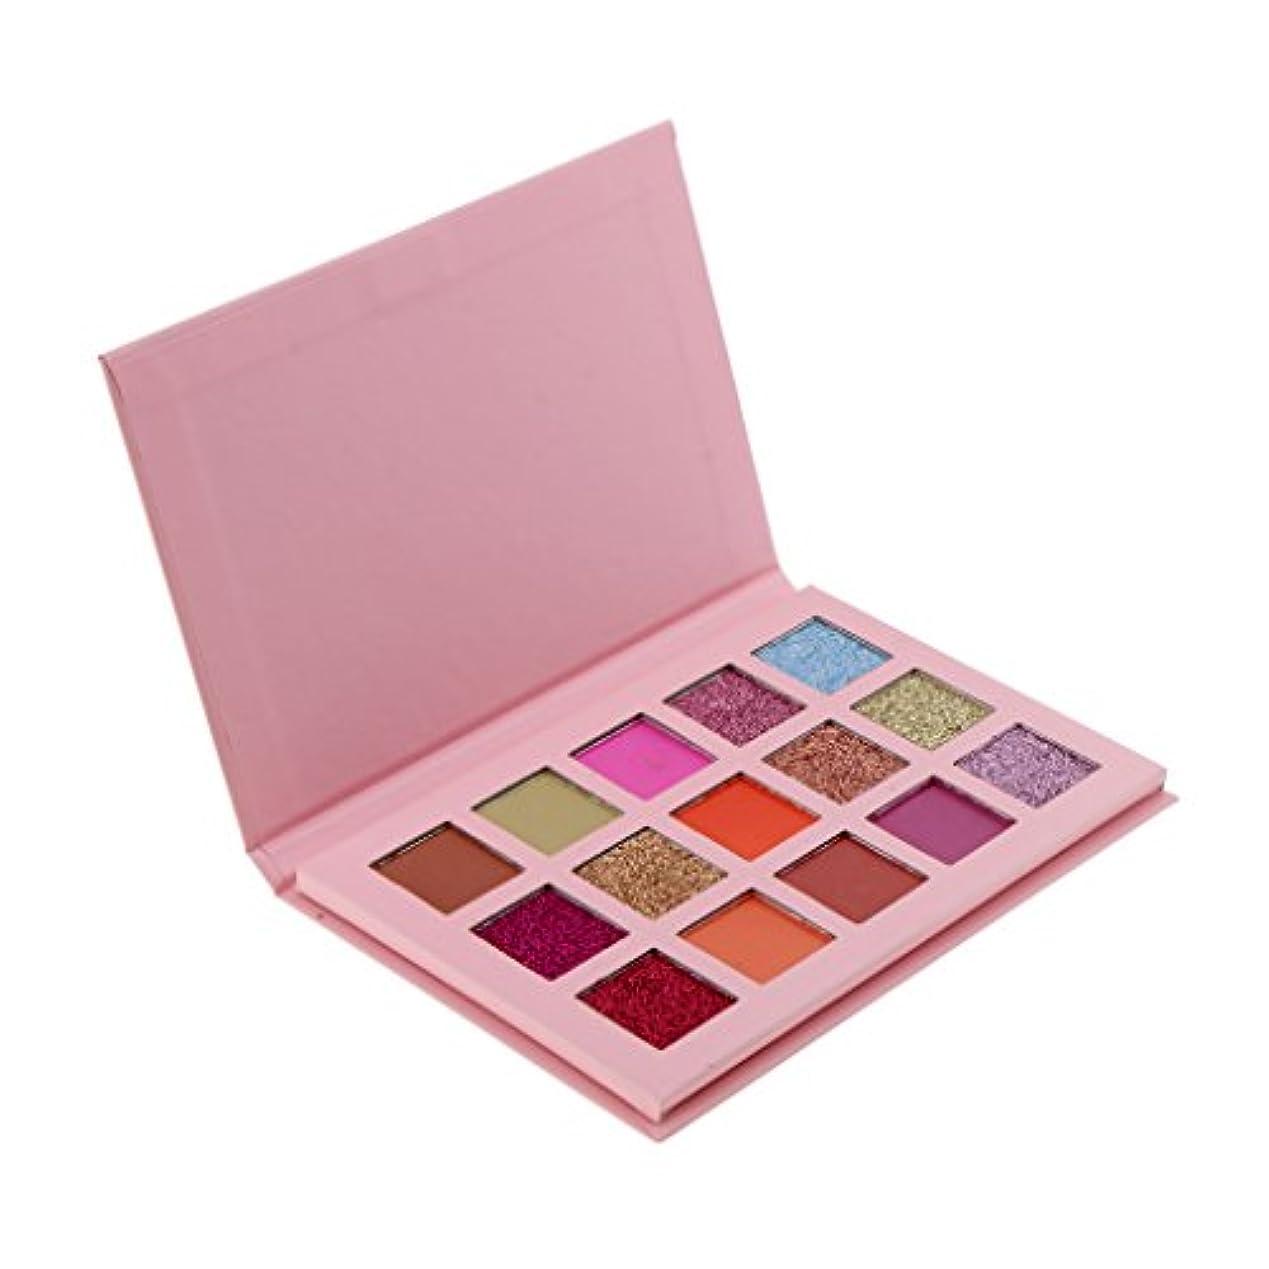 ベッツィトロットウッド血色の良い膨張するアイシャドーパレット 15色 メイクアップパレット カラーメイク アイメイク 長持ち 高品質